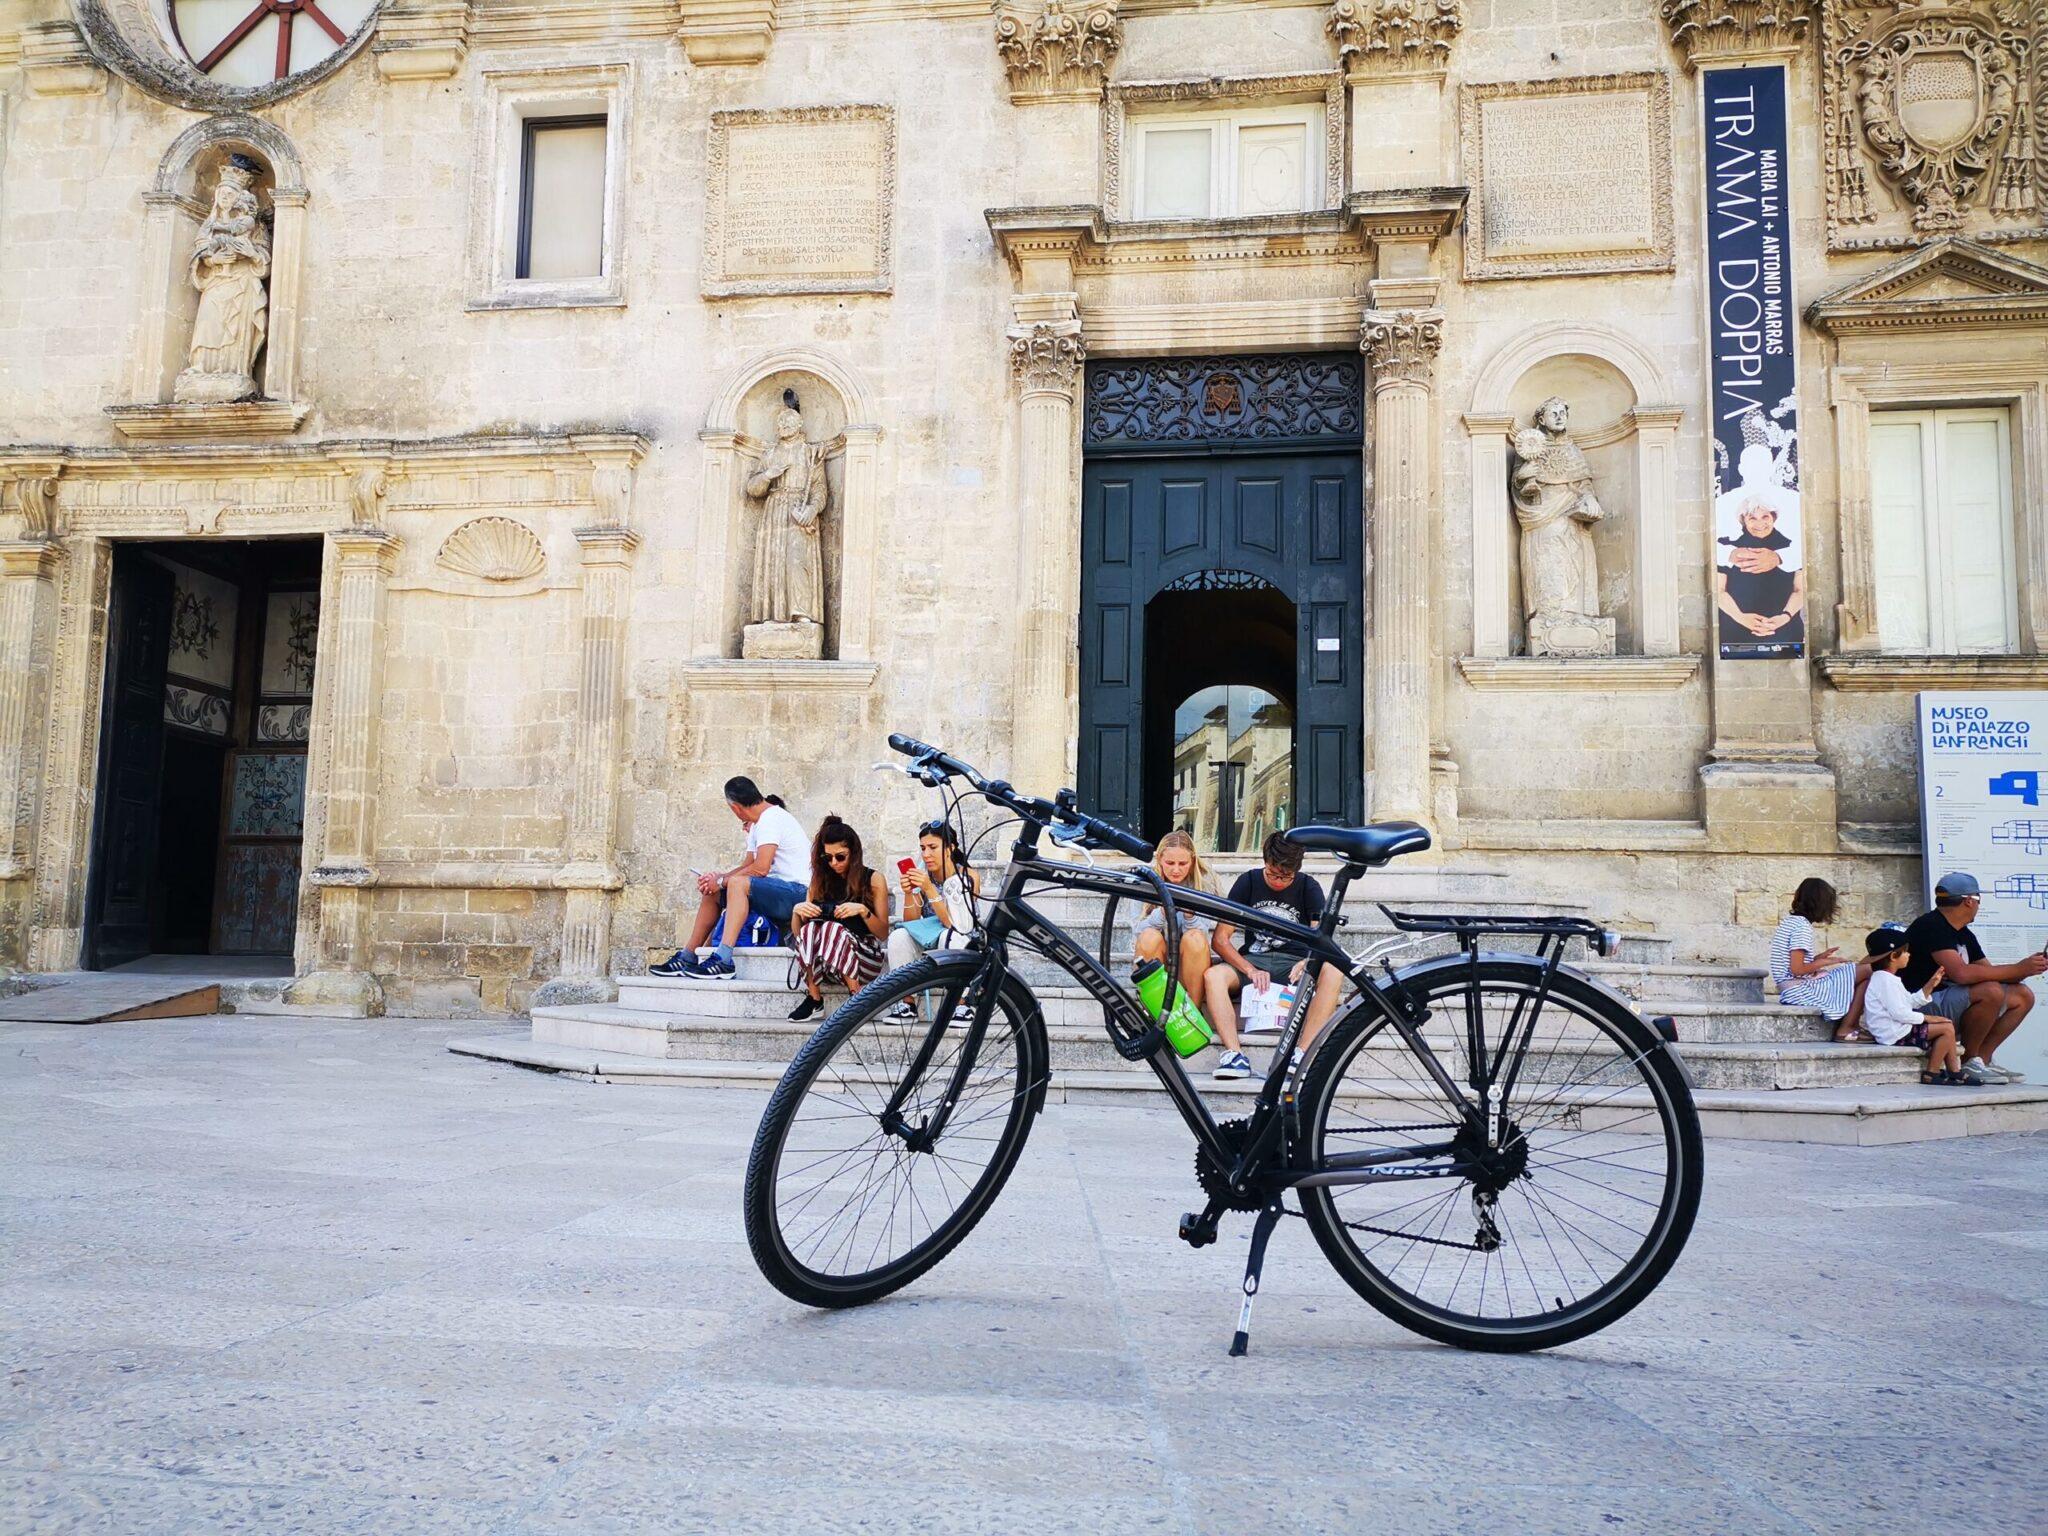 Ingresso di Palazzo Lanfranchi, con bici e turisti in pausa